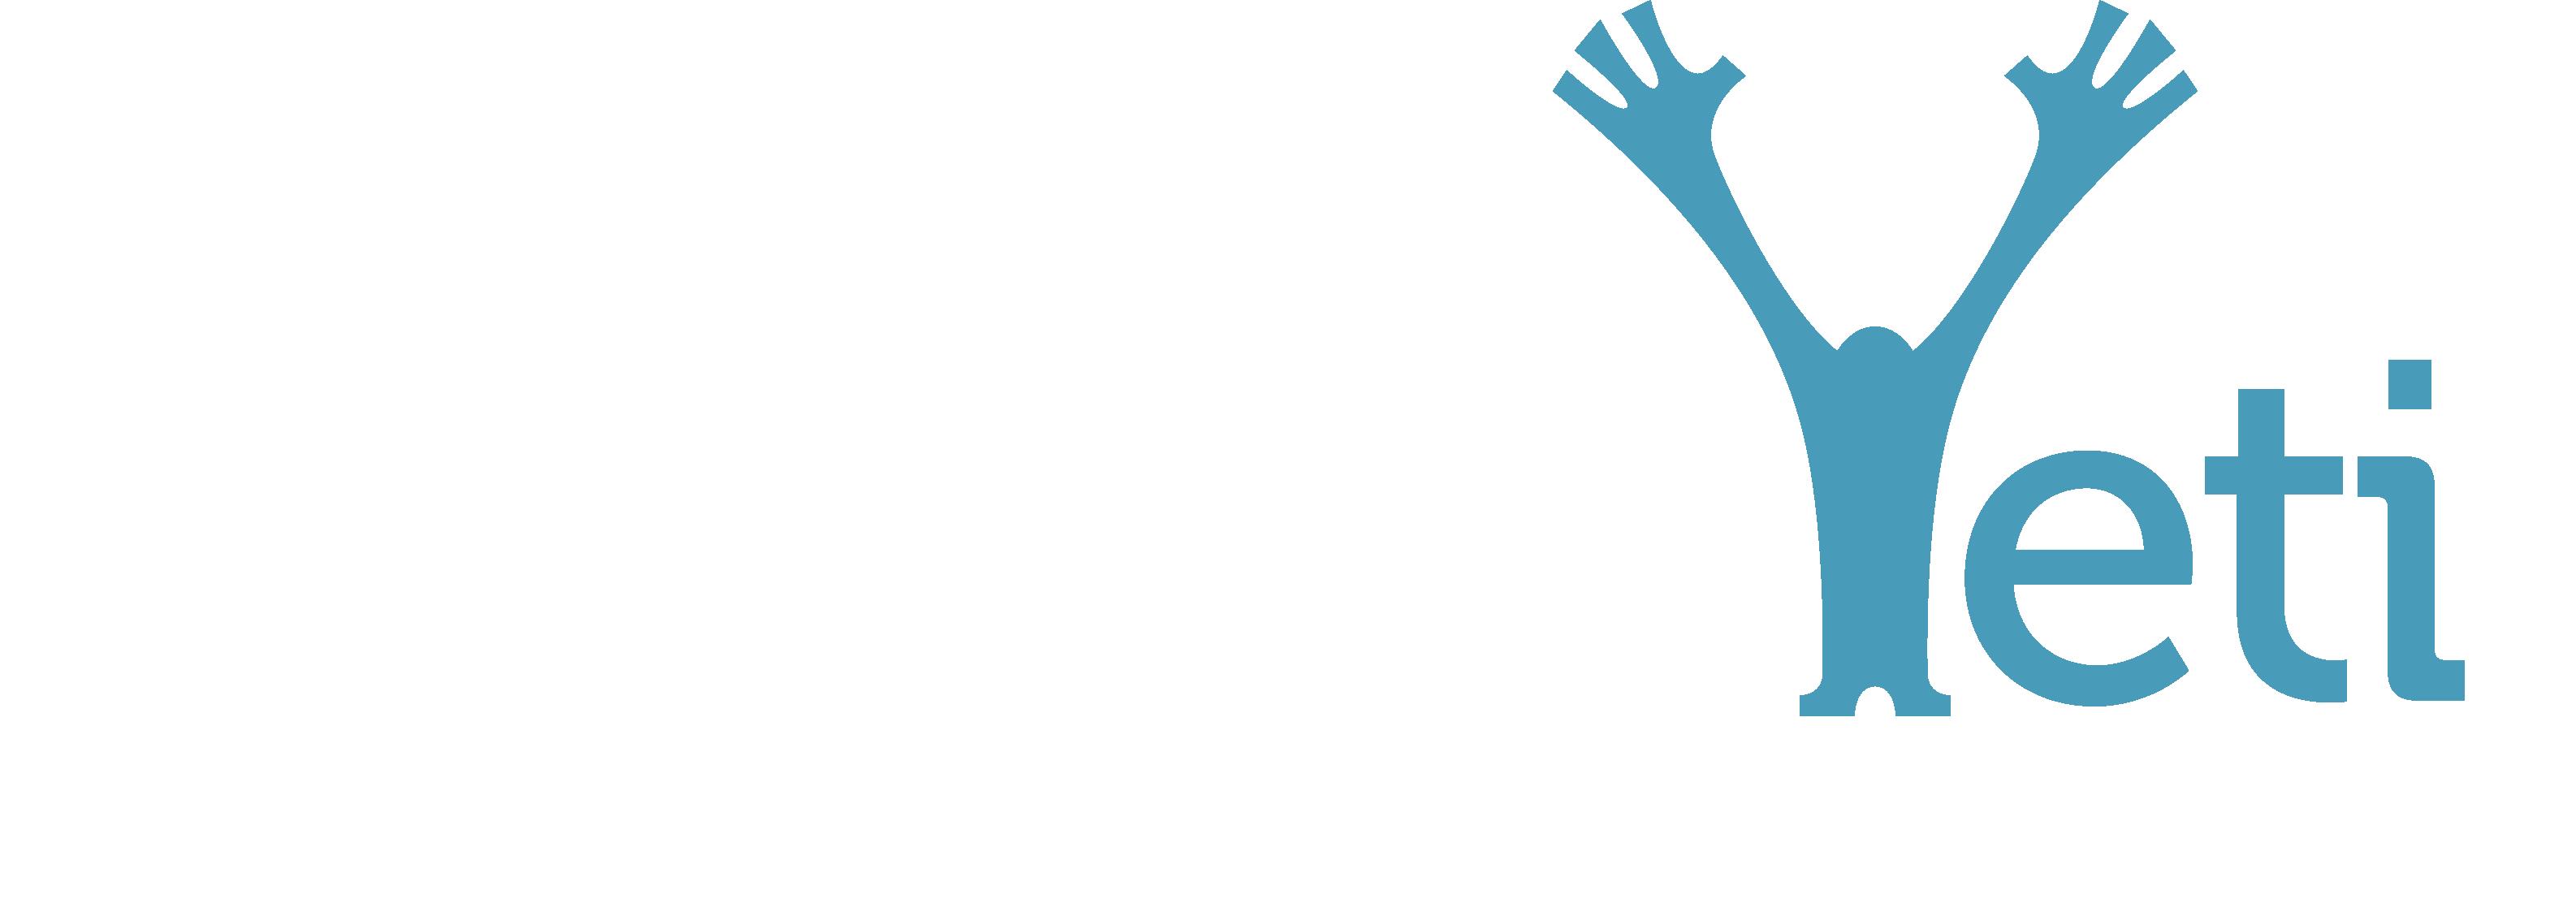 spottedyetimedia_WhiteBlue